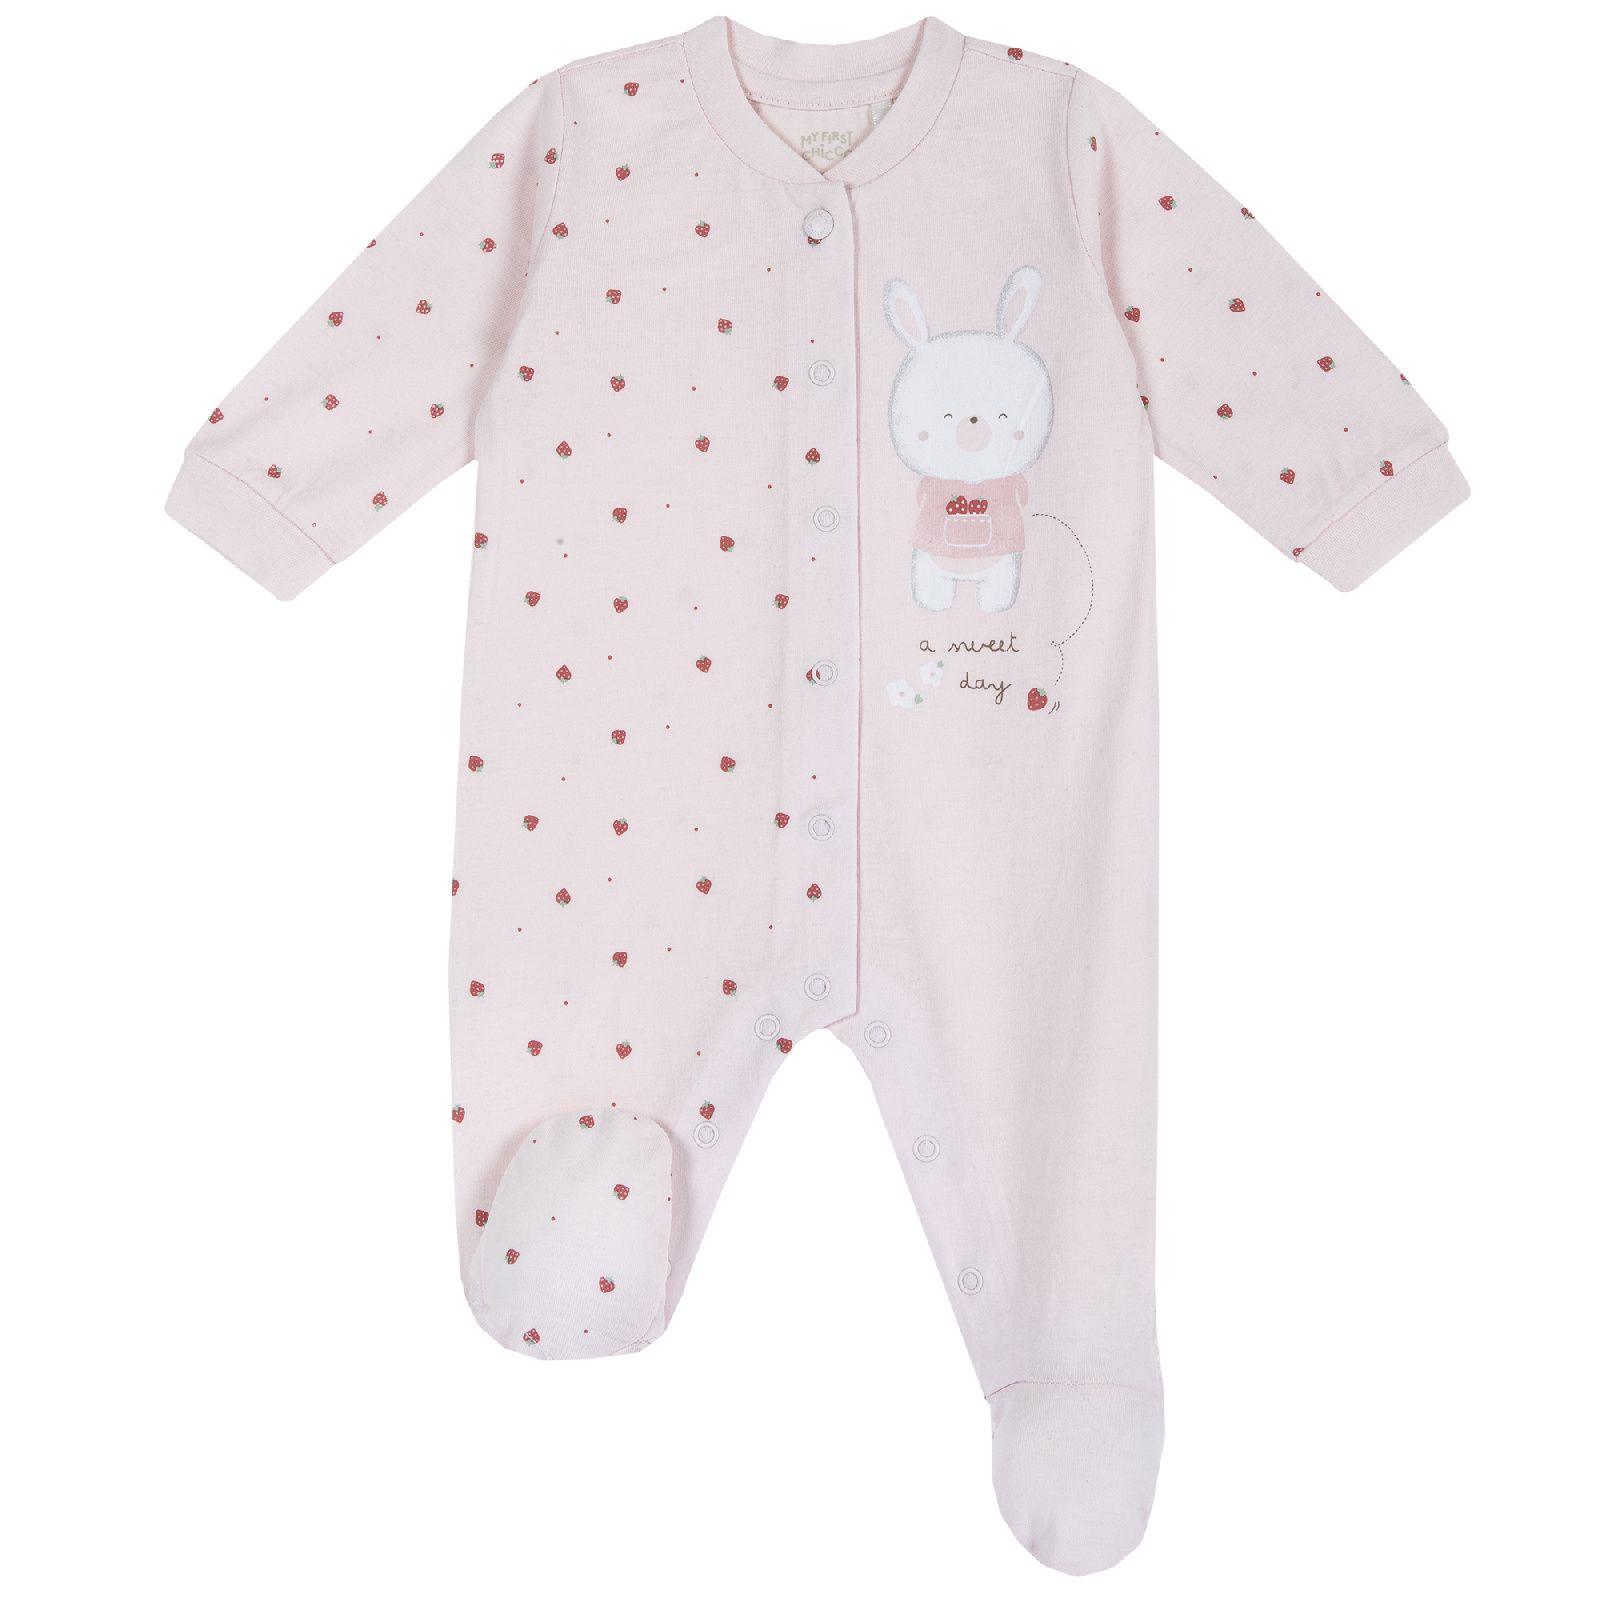 Комбинезон для девочек Chicco с клубничками, цвет розовый, размер 62